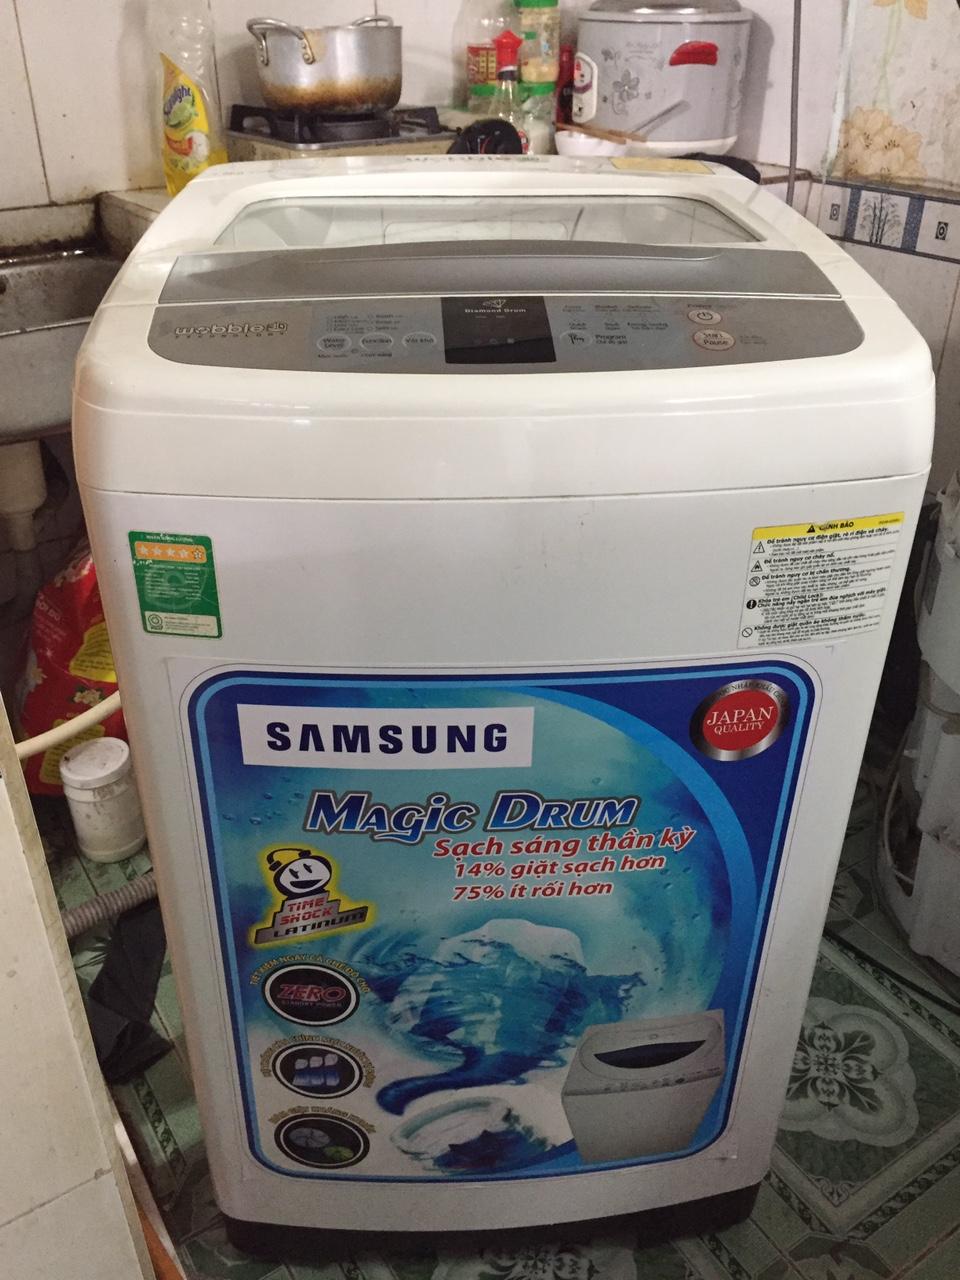 ReadNetworks.com - Chia sẻ kỹ năng tậu chiếc máy giặt cũ